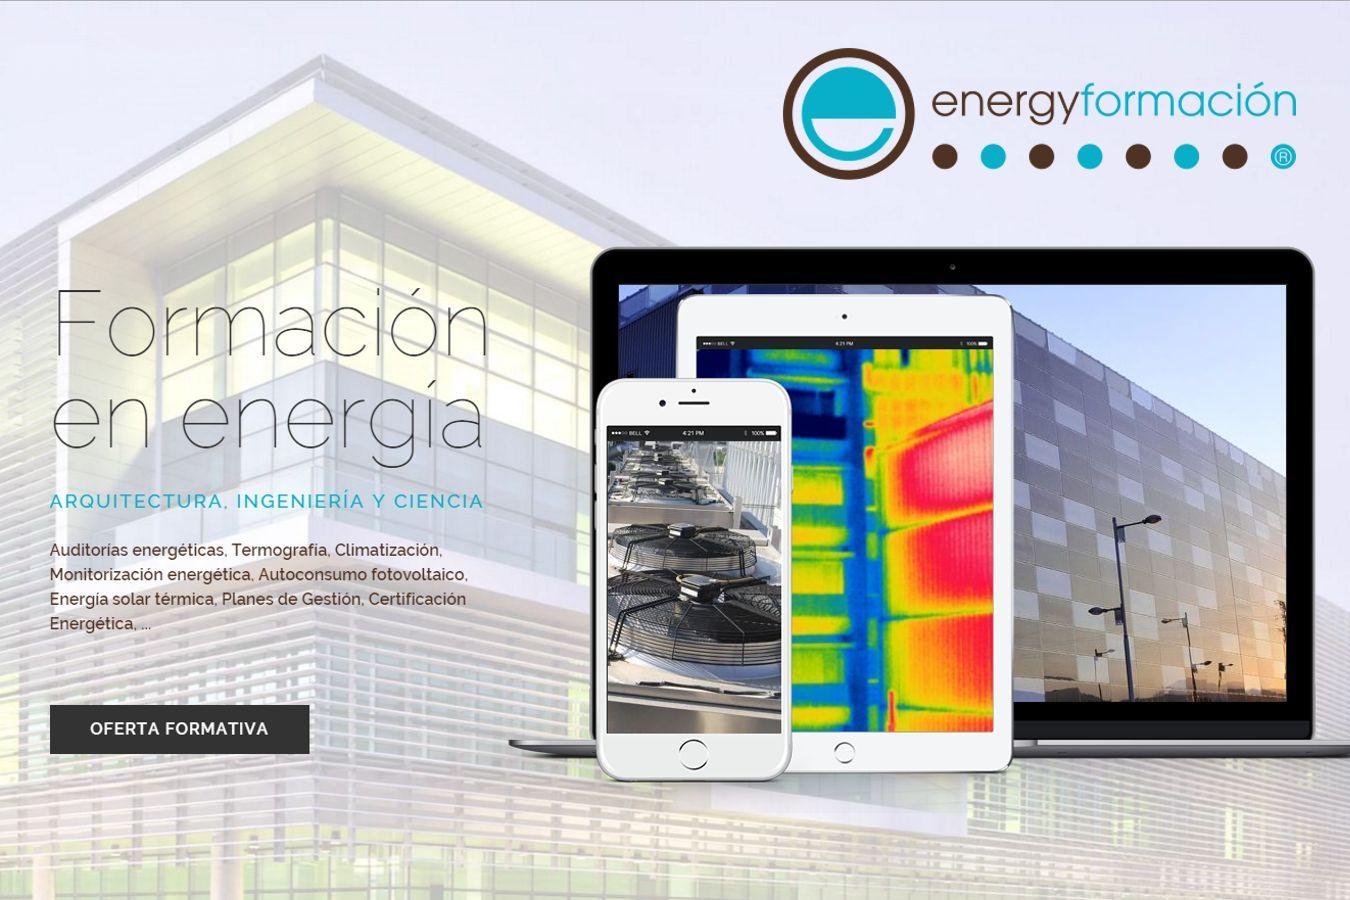 energyformacion